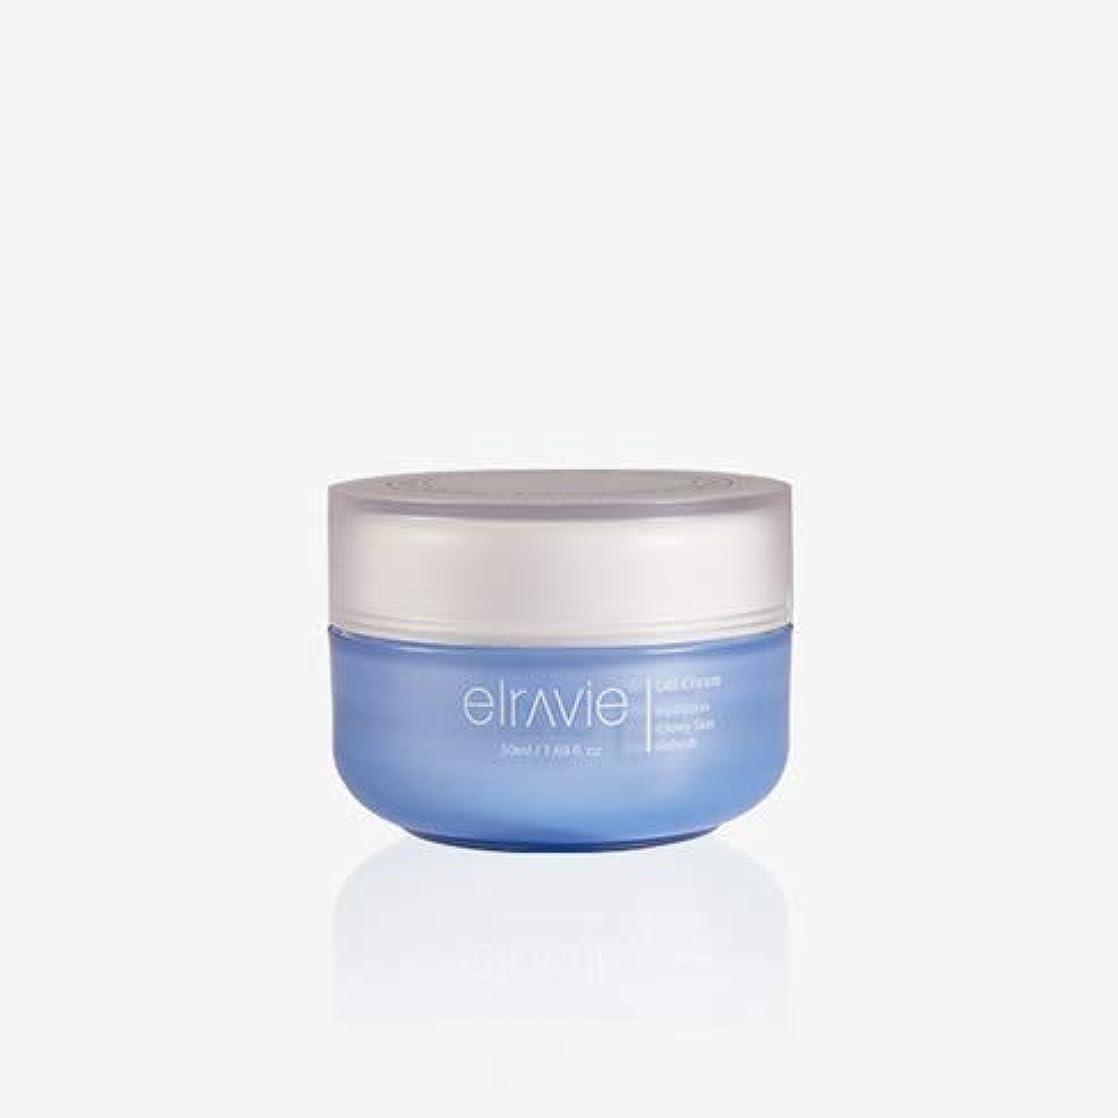 ピルファーカーテン支援するエラヴィー[Elravie] ダーマハイドロエクステンデッドハイジェルクリーム50ml / Derma Hydro Extended Hyal Gel Cream